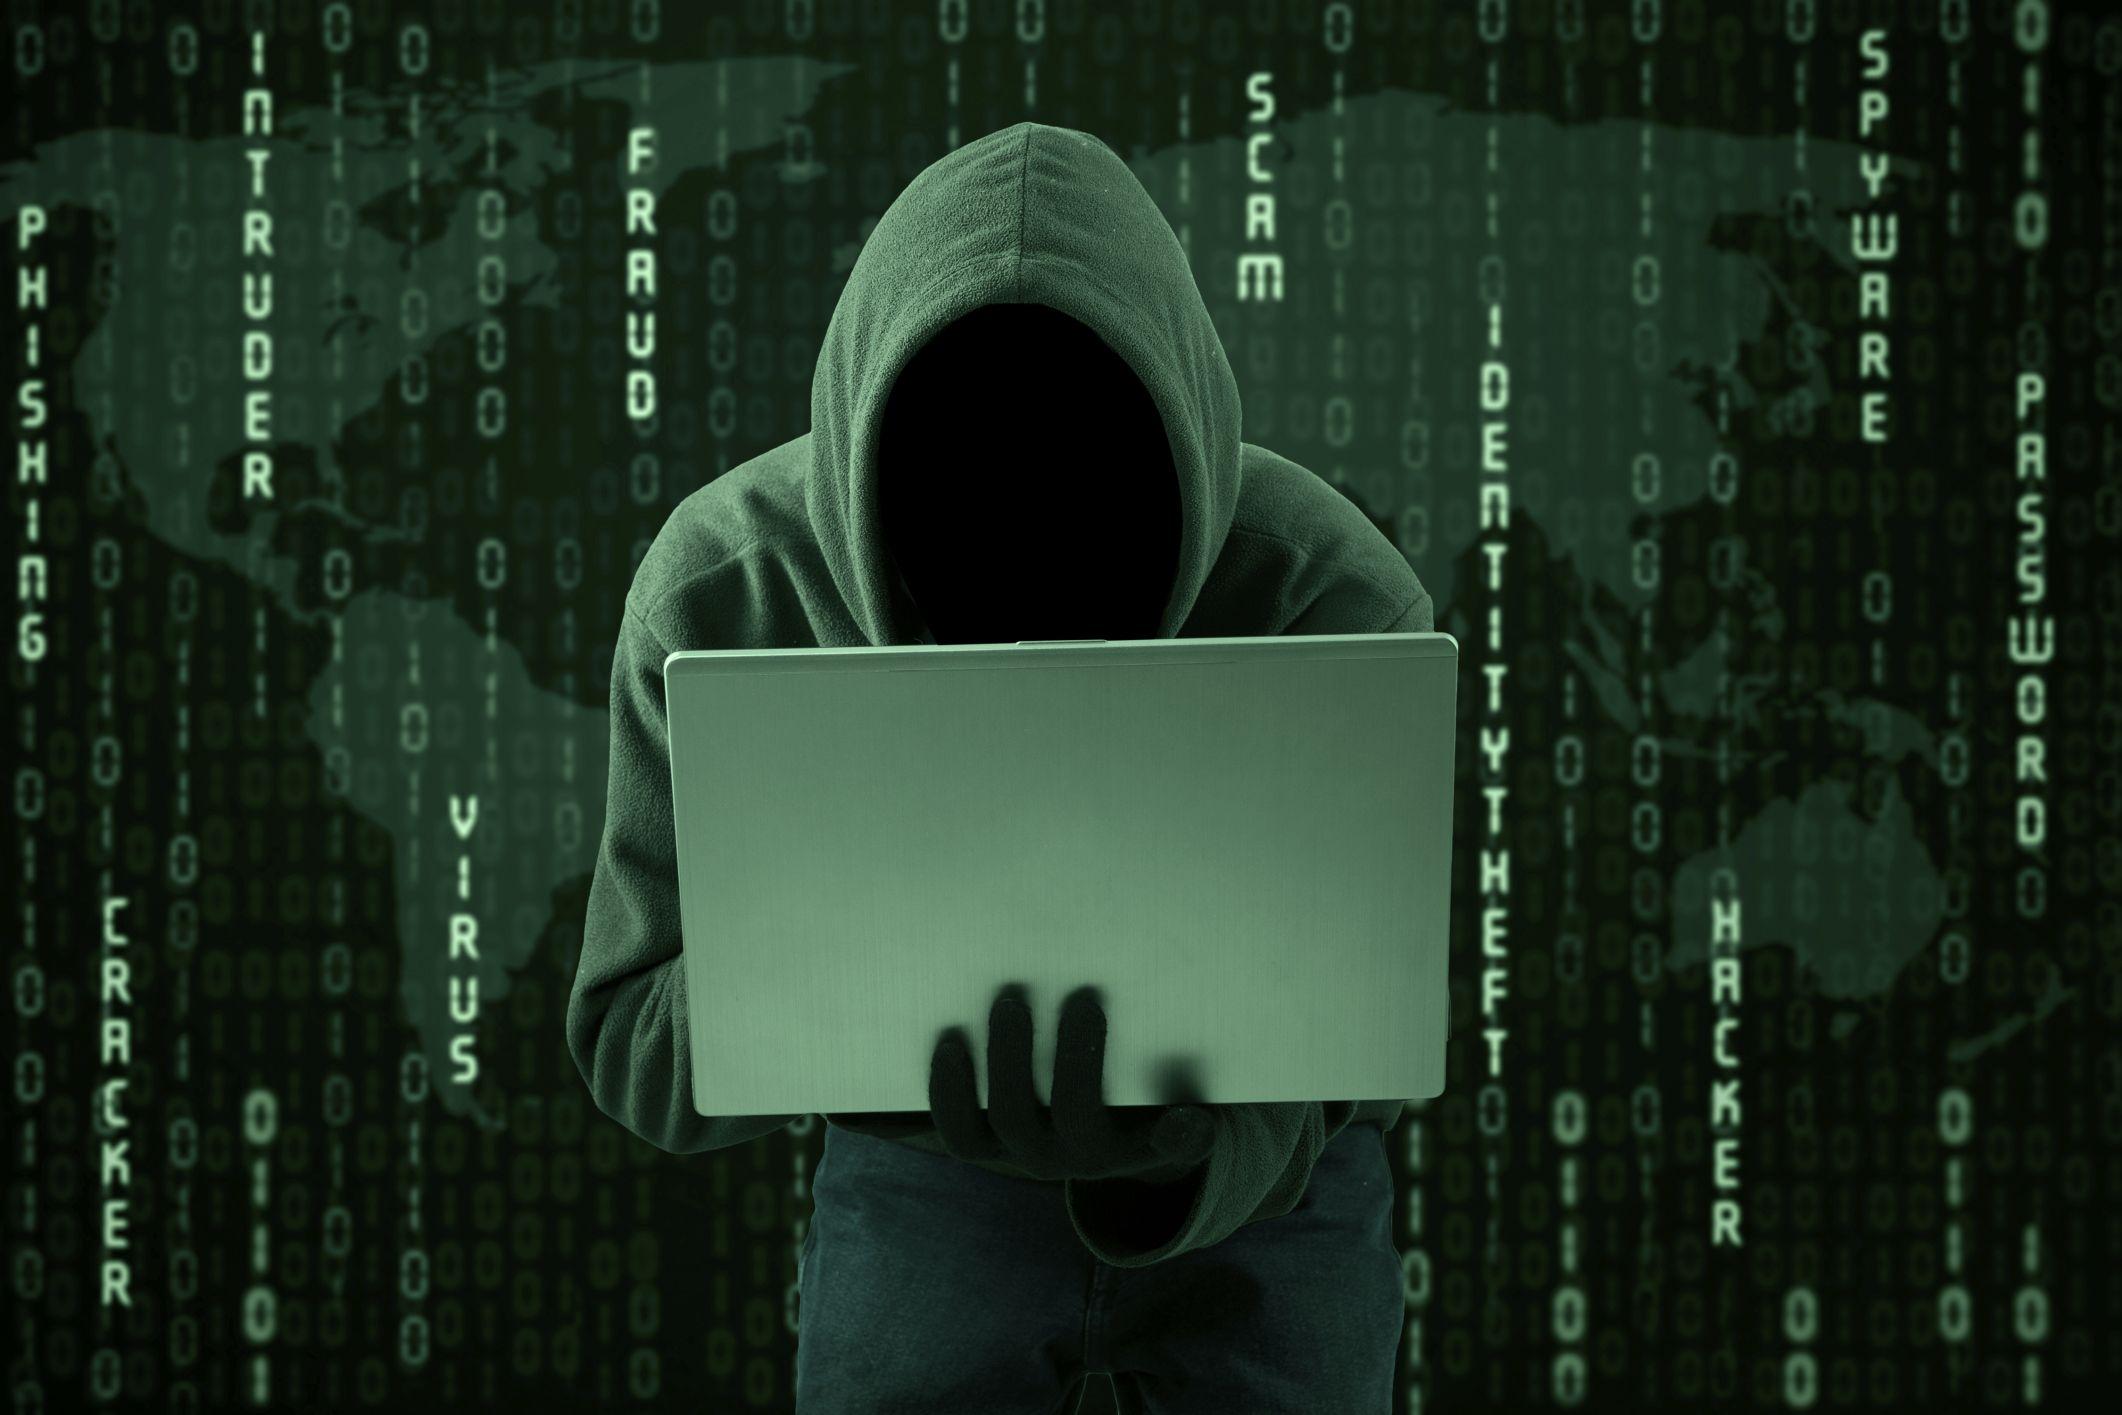 Hackerato il profilo di Mark Zuckerberg, la lista dei vip attaccati